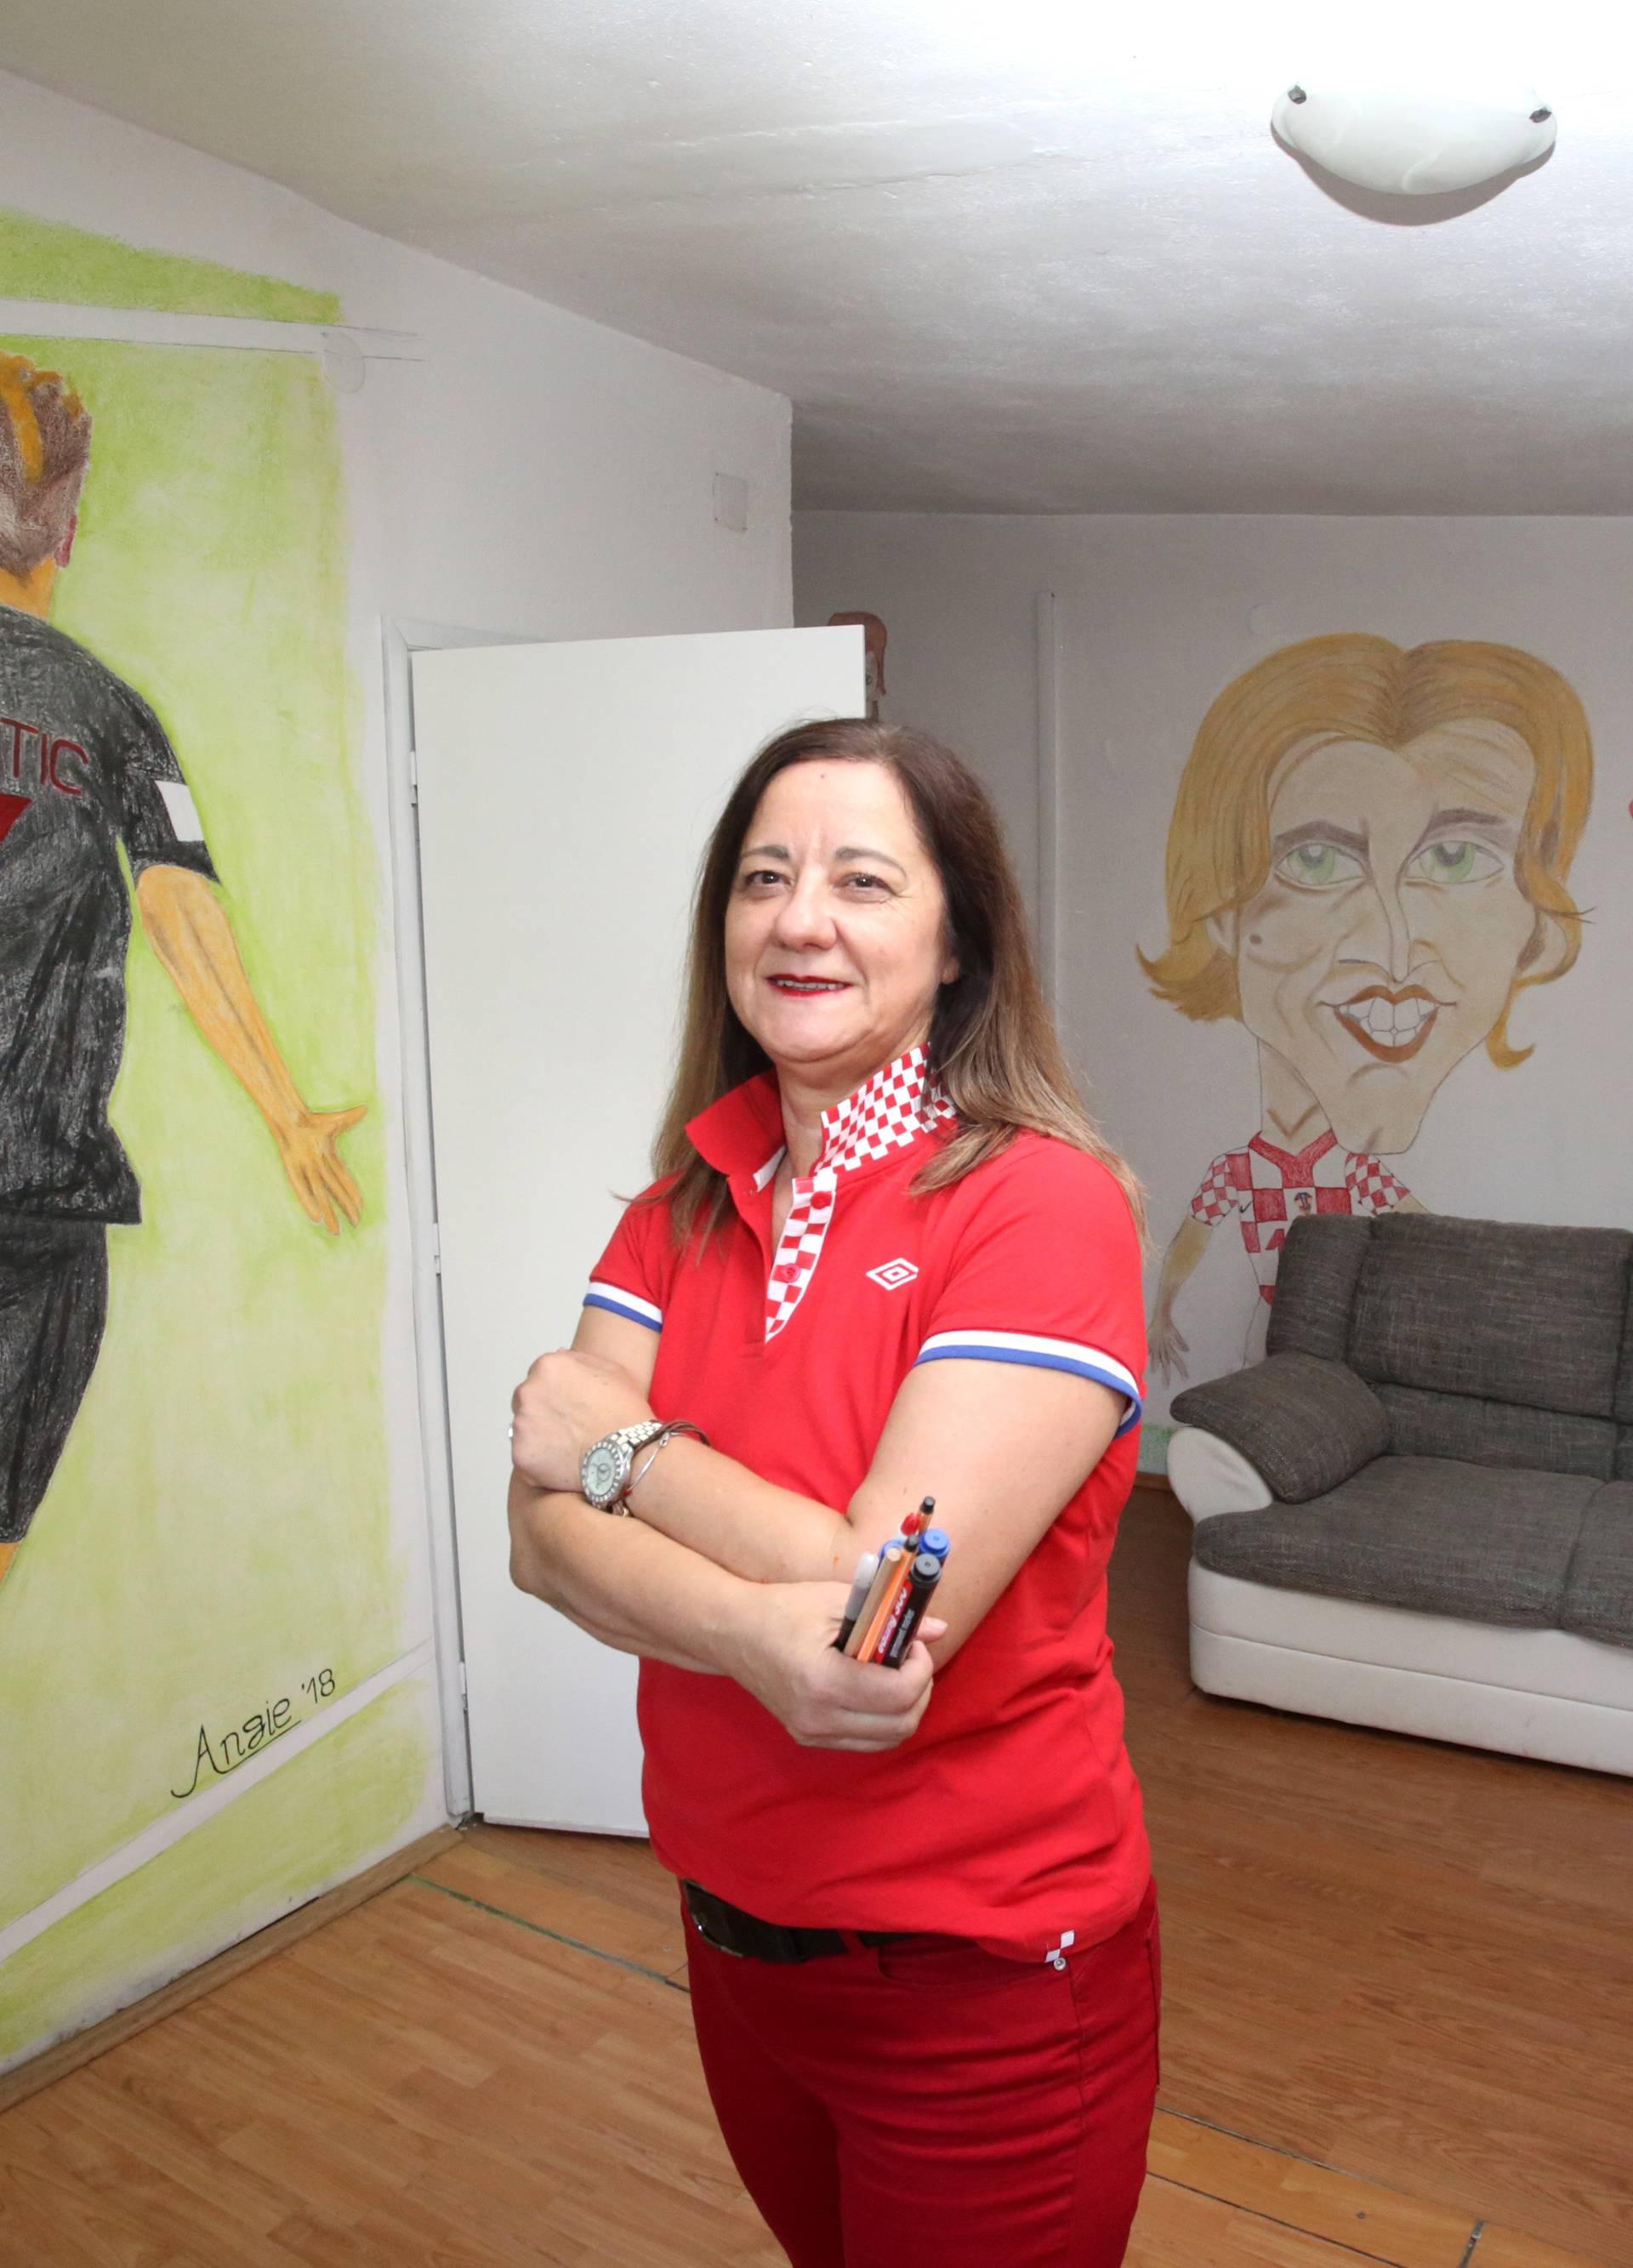 Andjelka Vuckovic